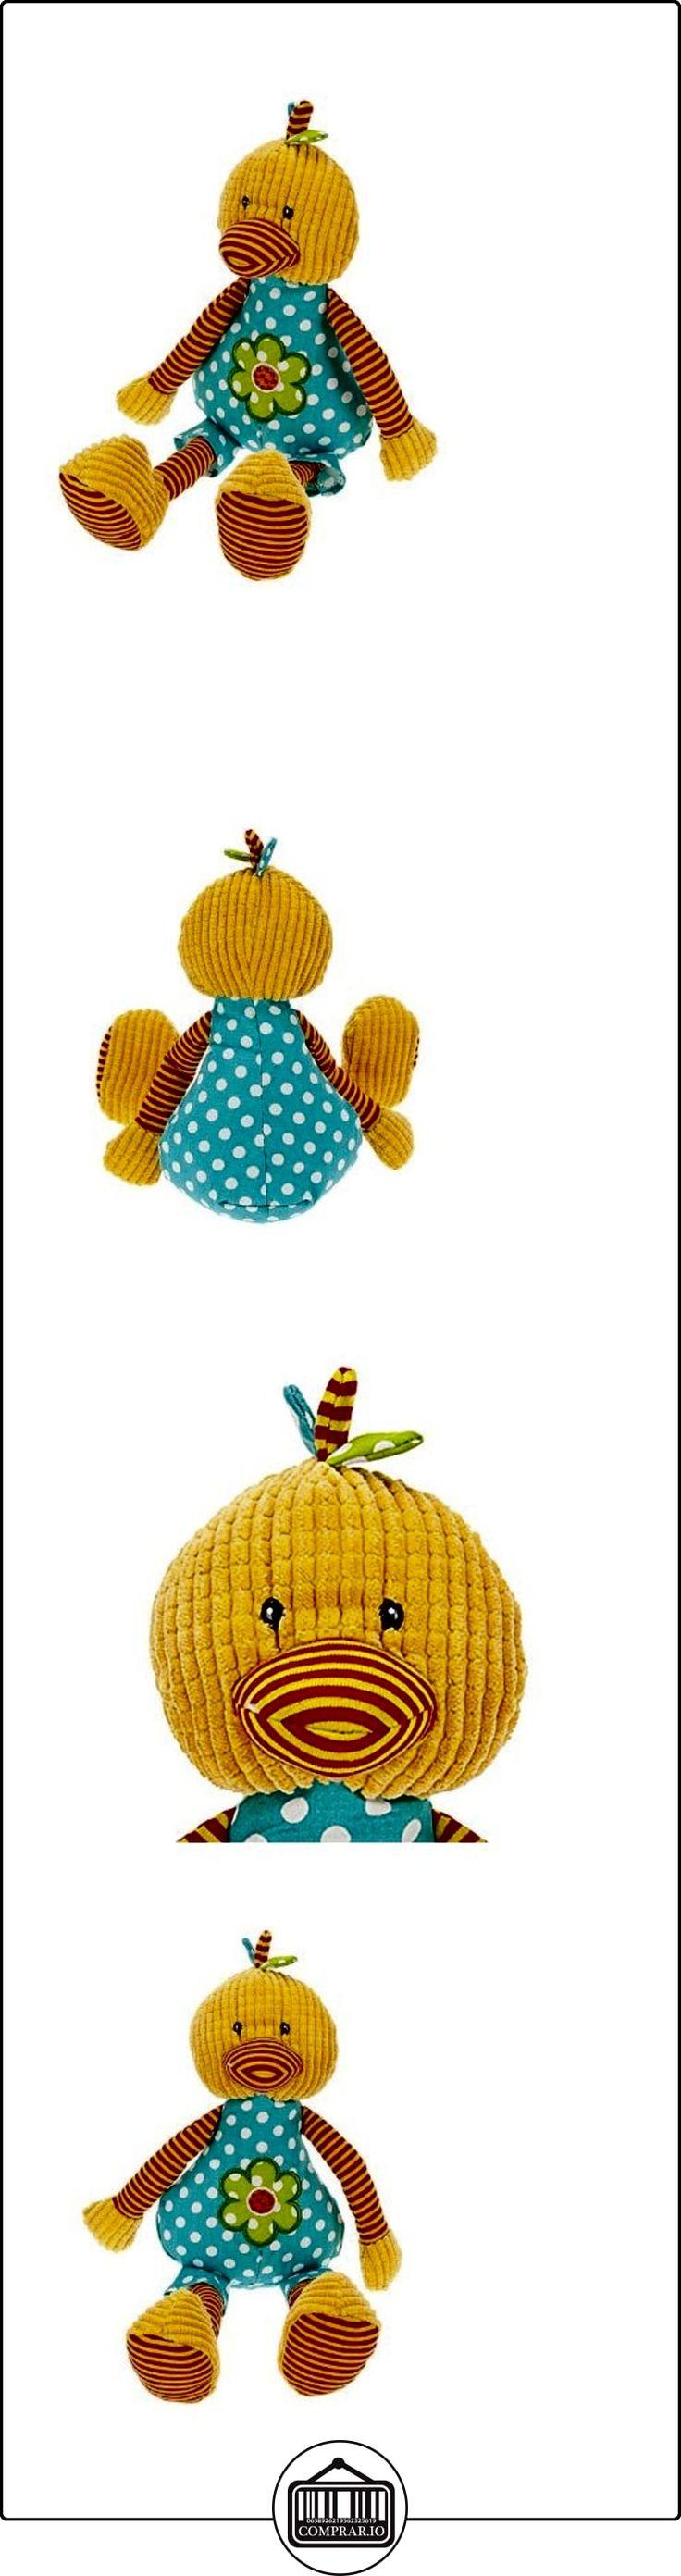 Juguetes blandos colorido pato amarillo de peluche de 40 cm para niños y niñas  ✿ Regalos para recién nacidos - Bebes ✿ ▬► Ver oferta: http://comprar.io/goto/B00I2D08Z4